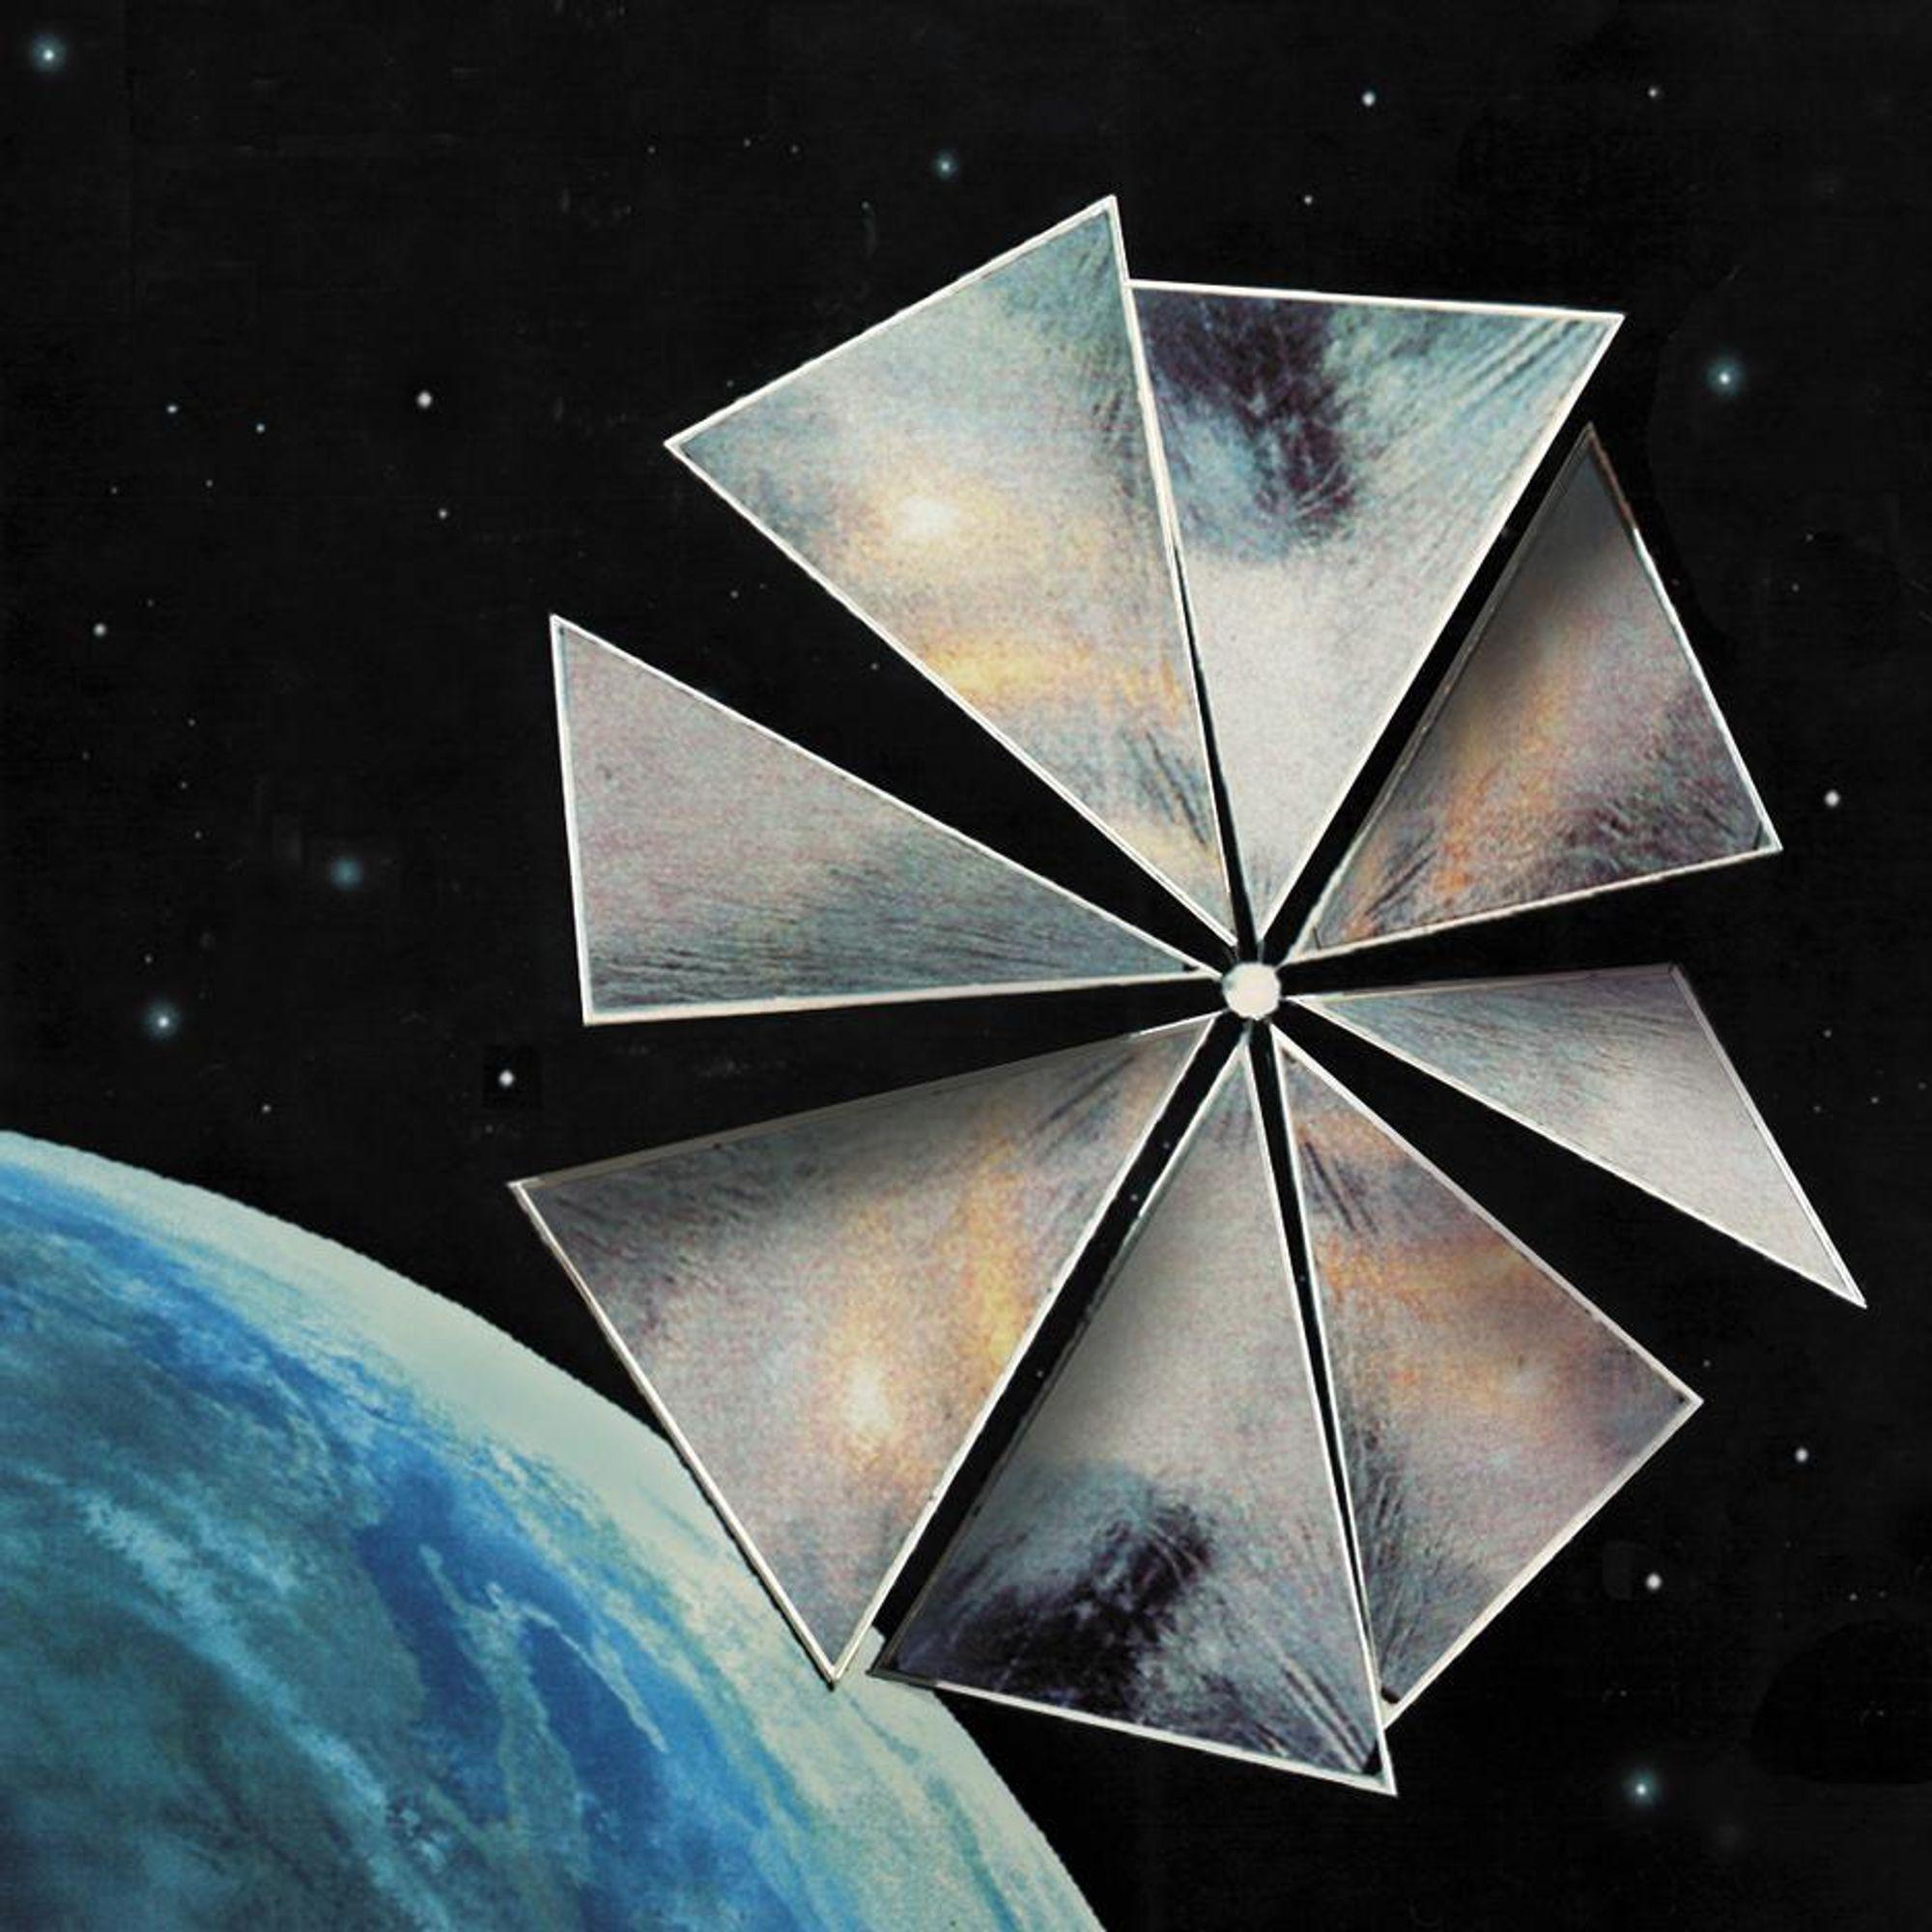 Kritisk. Slik vil Cosmos 1 se ut med solseil-segmentene på plass. Utfoldingen av segmentene er en kritisk fase av prøven. (Babakin Space Center, The Planetary Society)